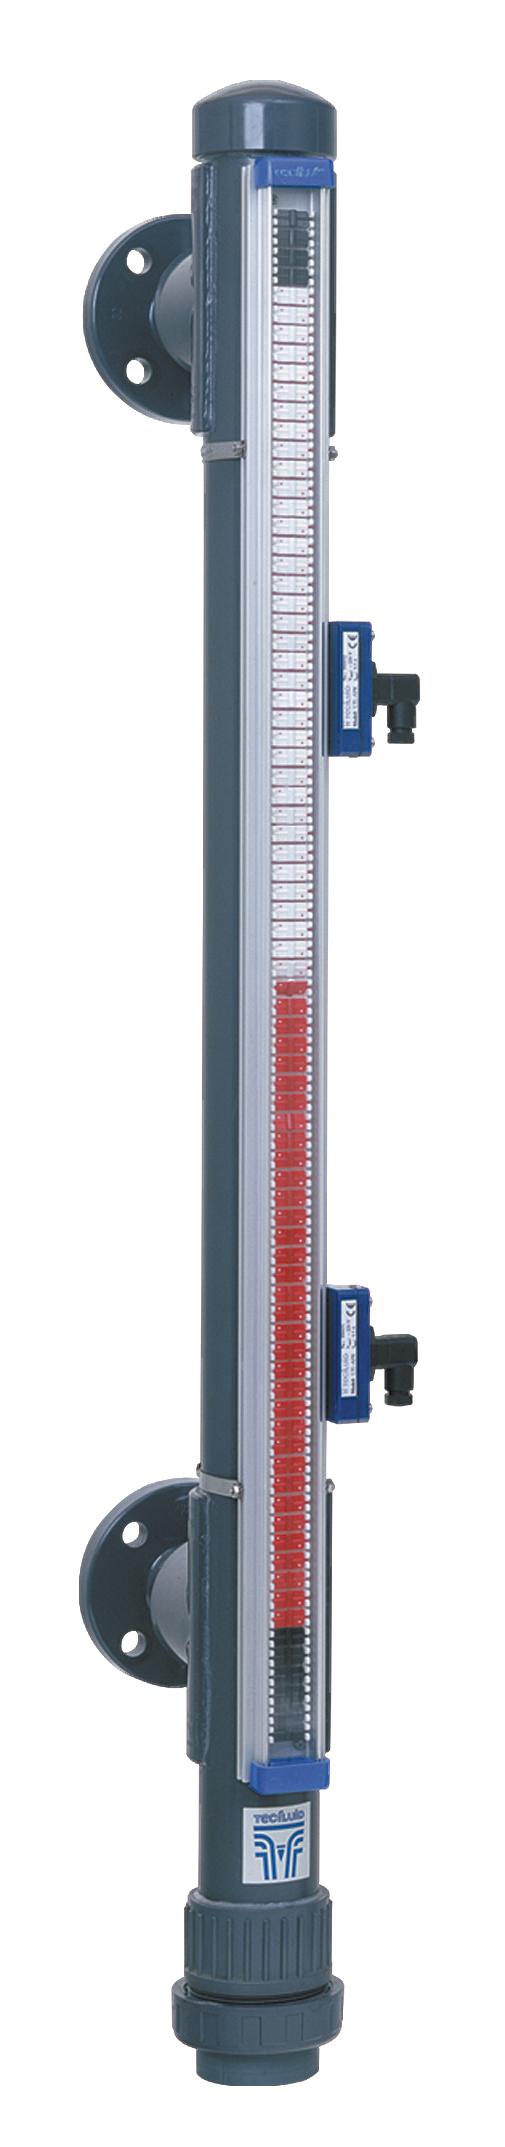 indicateur transmetteur de niveau s rie lt. Black Bedroom Furniture Sets. Home Design Ideas